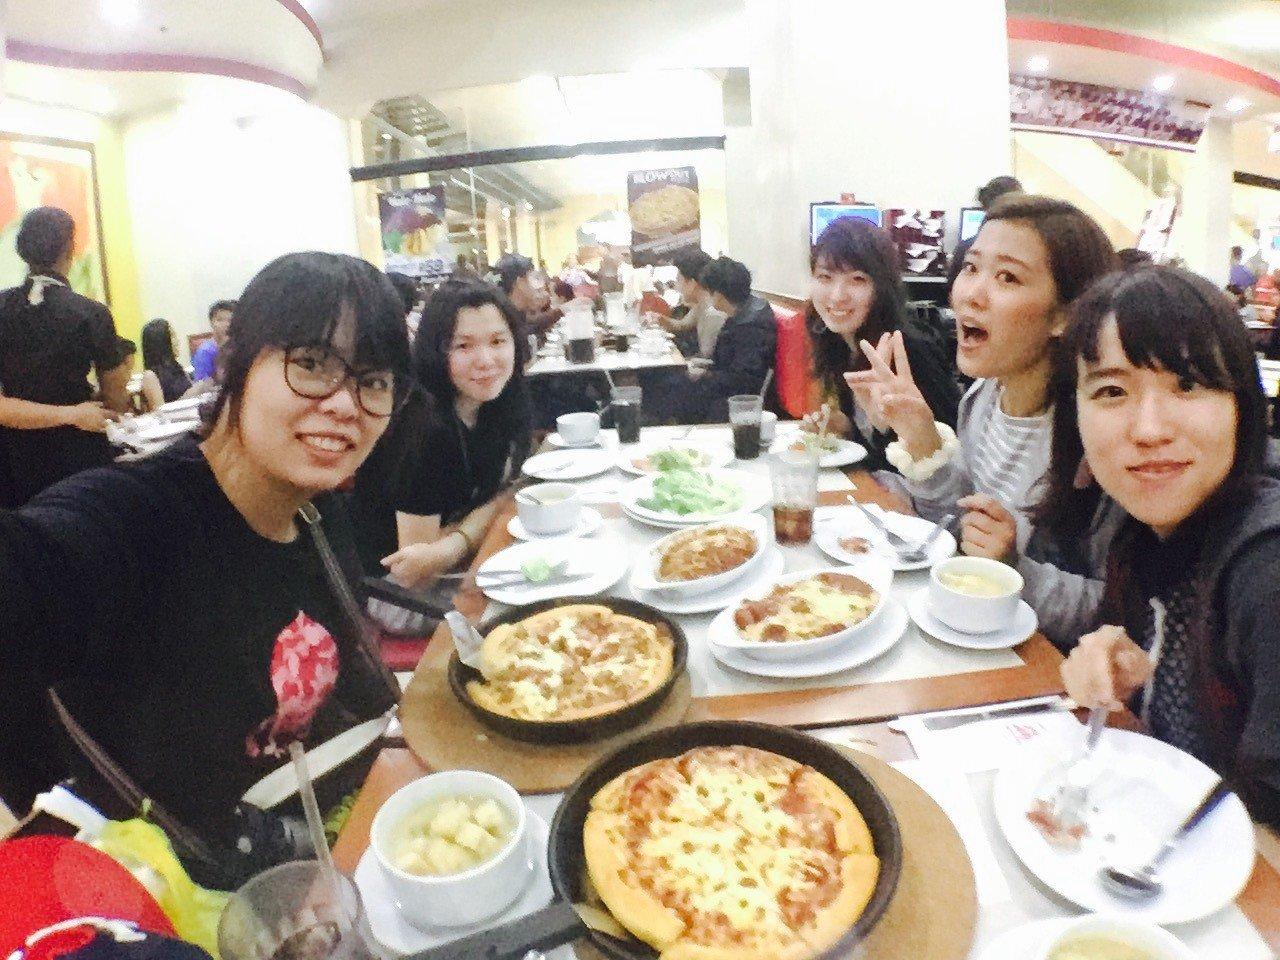 兩個月菲律賓碧瑤Talk多益課程遊學心得 By JOY